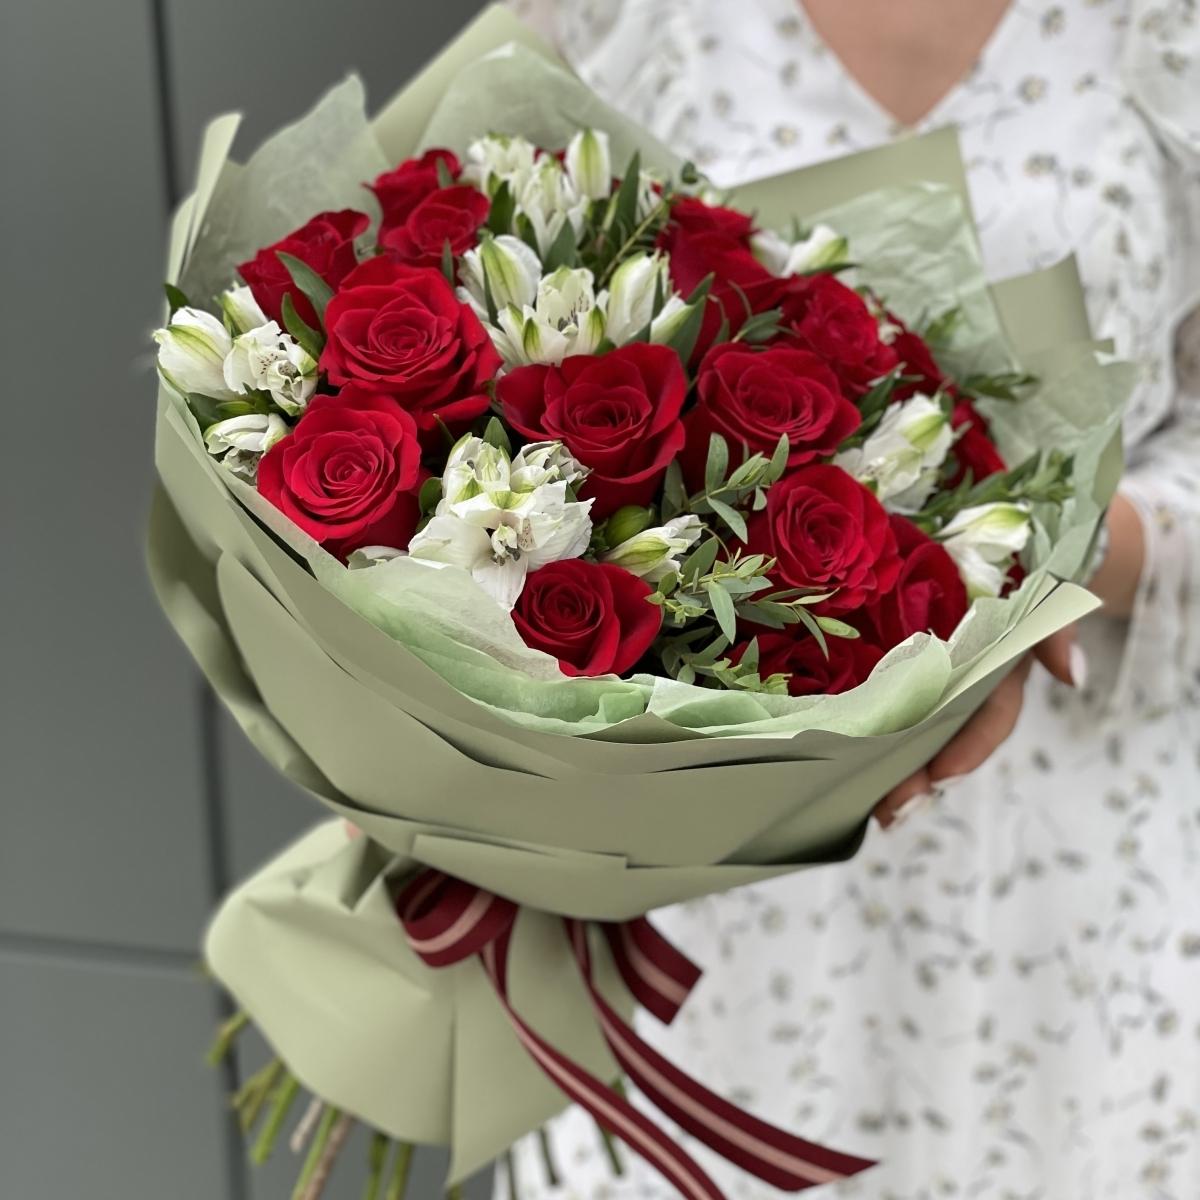 Букет Алиса в стране чудес из красных роз и альстромерии